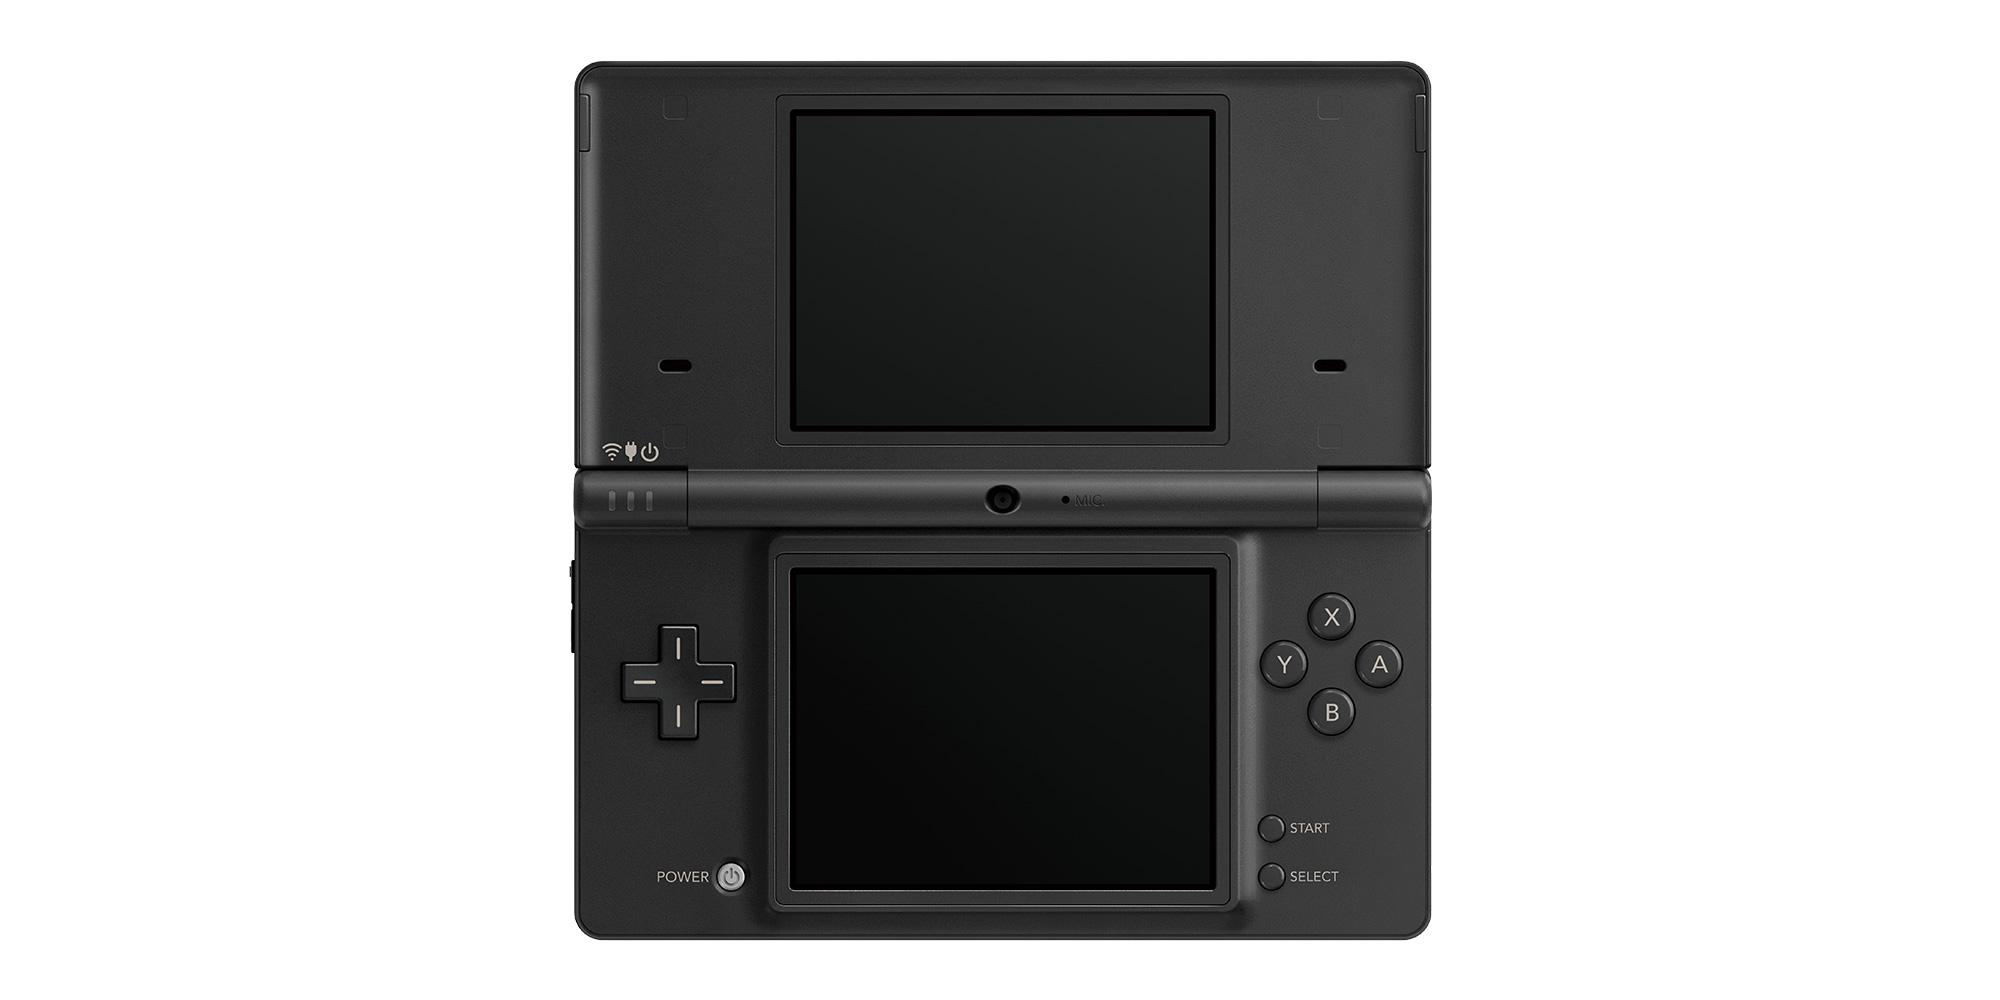 51abd234906 Est-ce que tous les jeux DS sont compatibles avec la Nintendo DSi ...